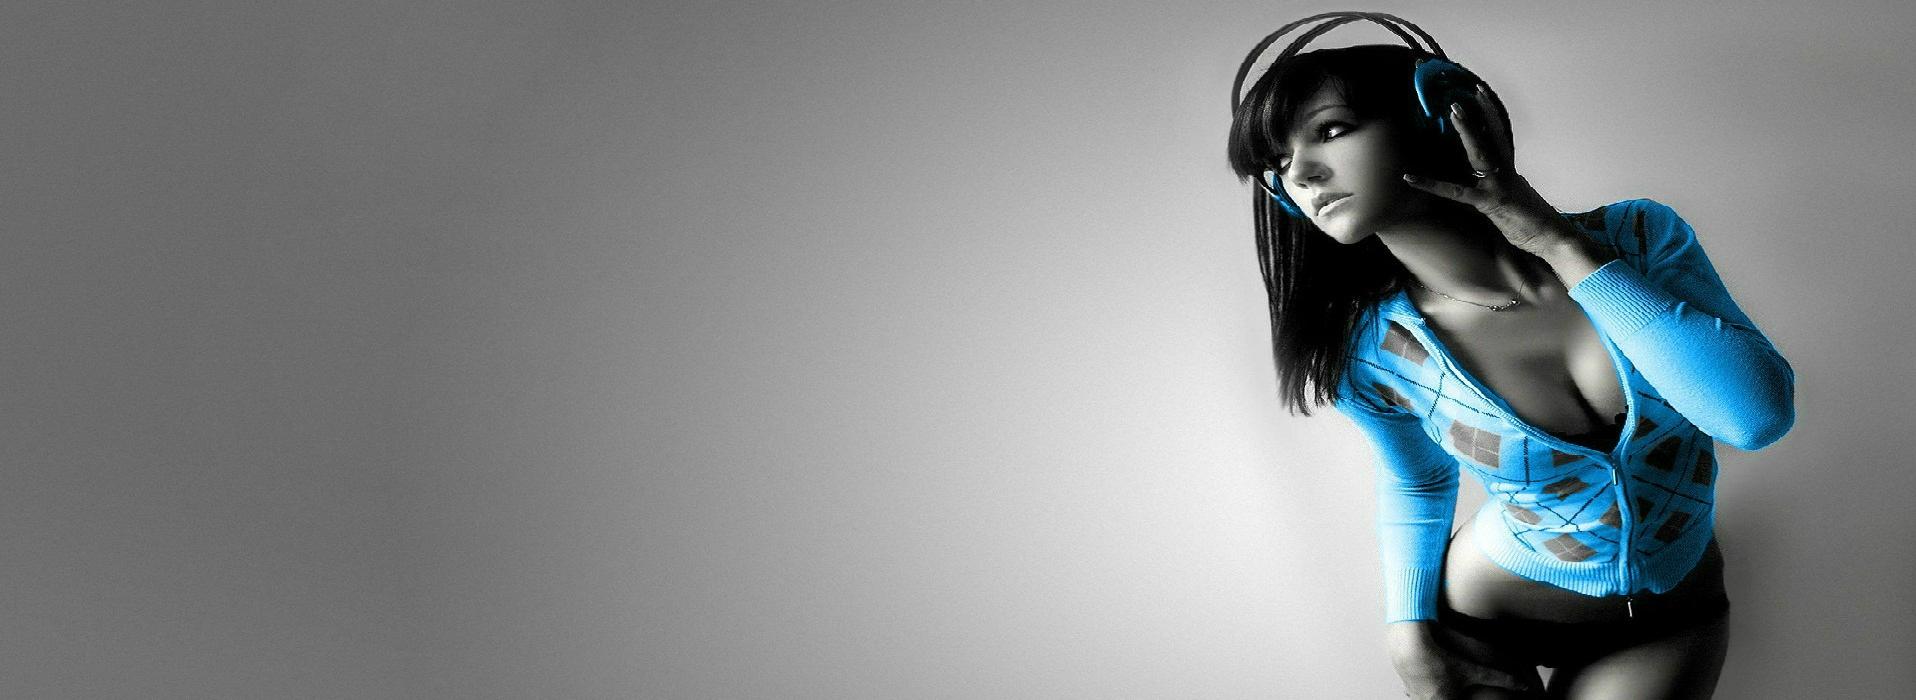 music-box-slide_pic3.jpg